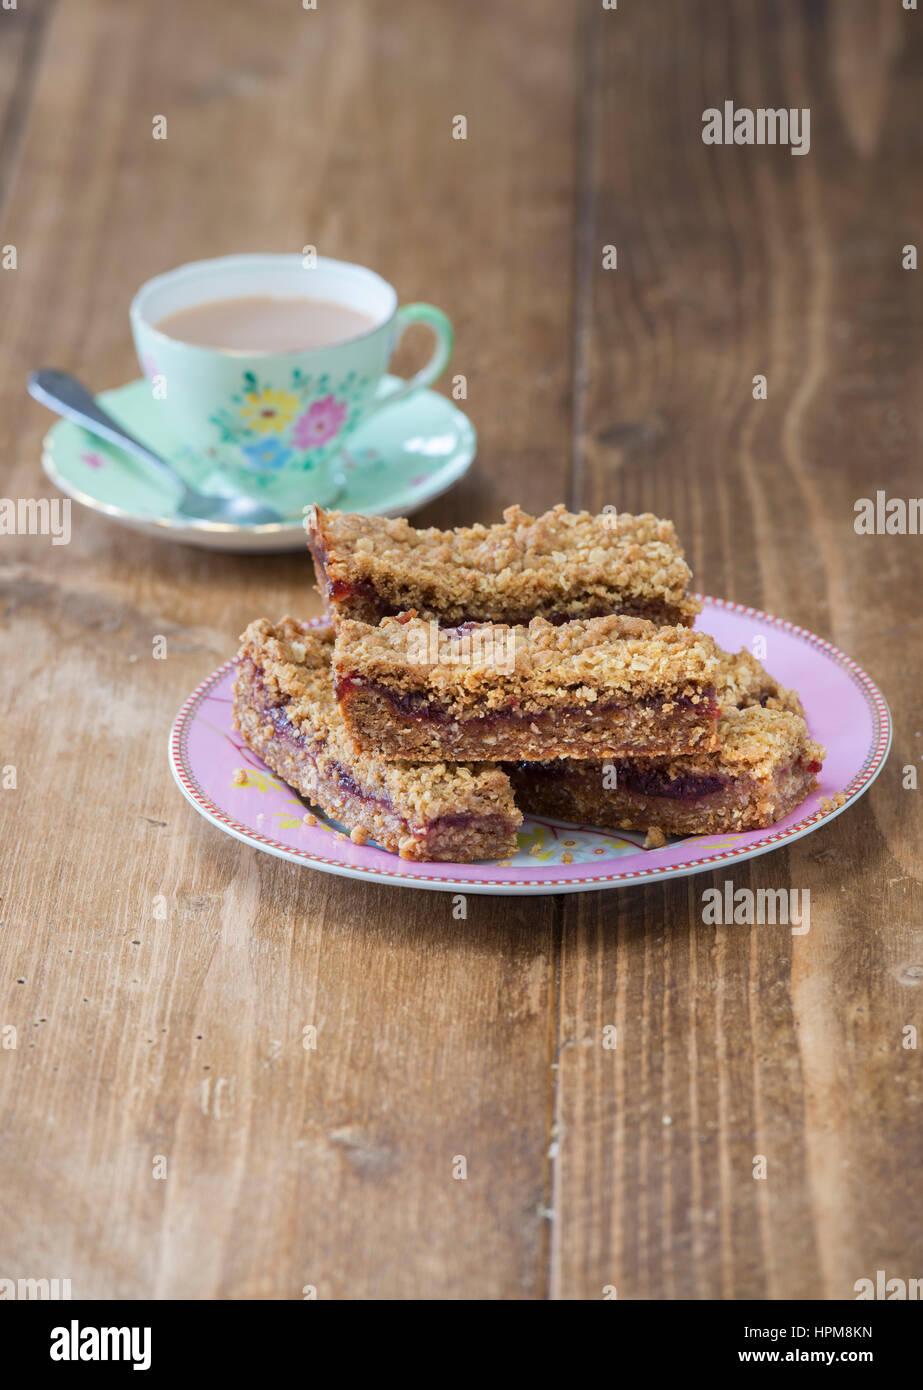 Himbeer Crumble Tray Bakes Stockbild